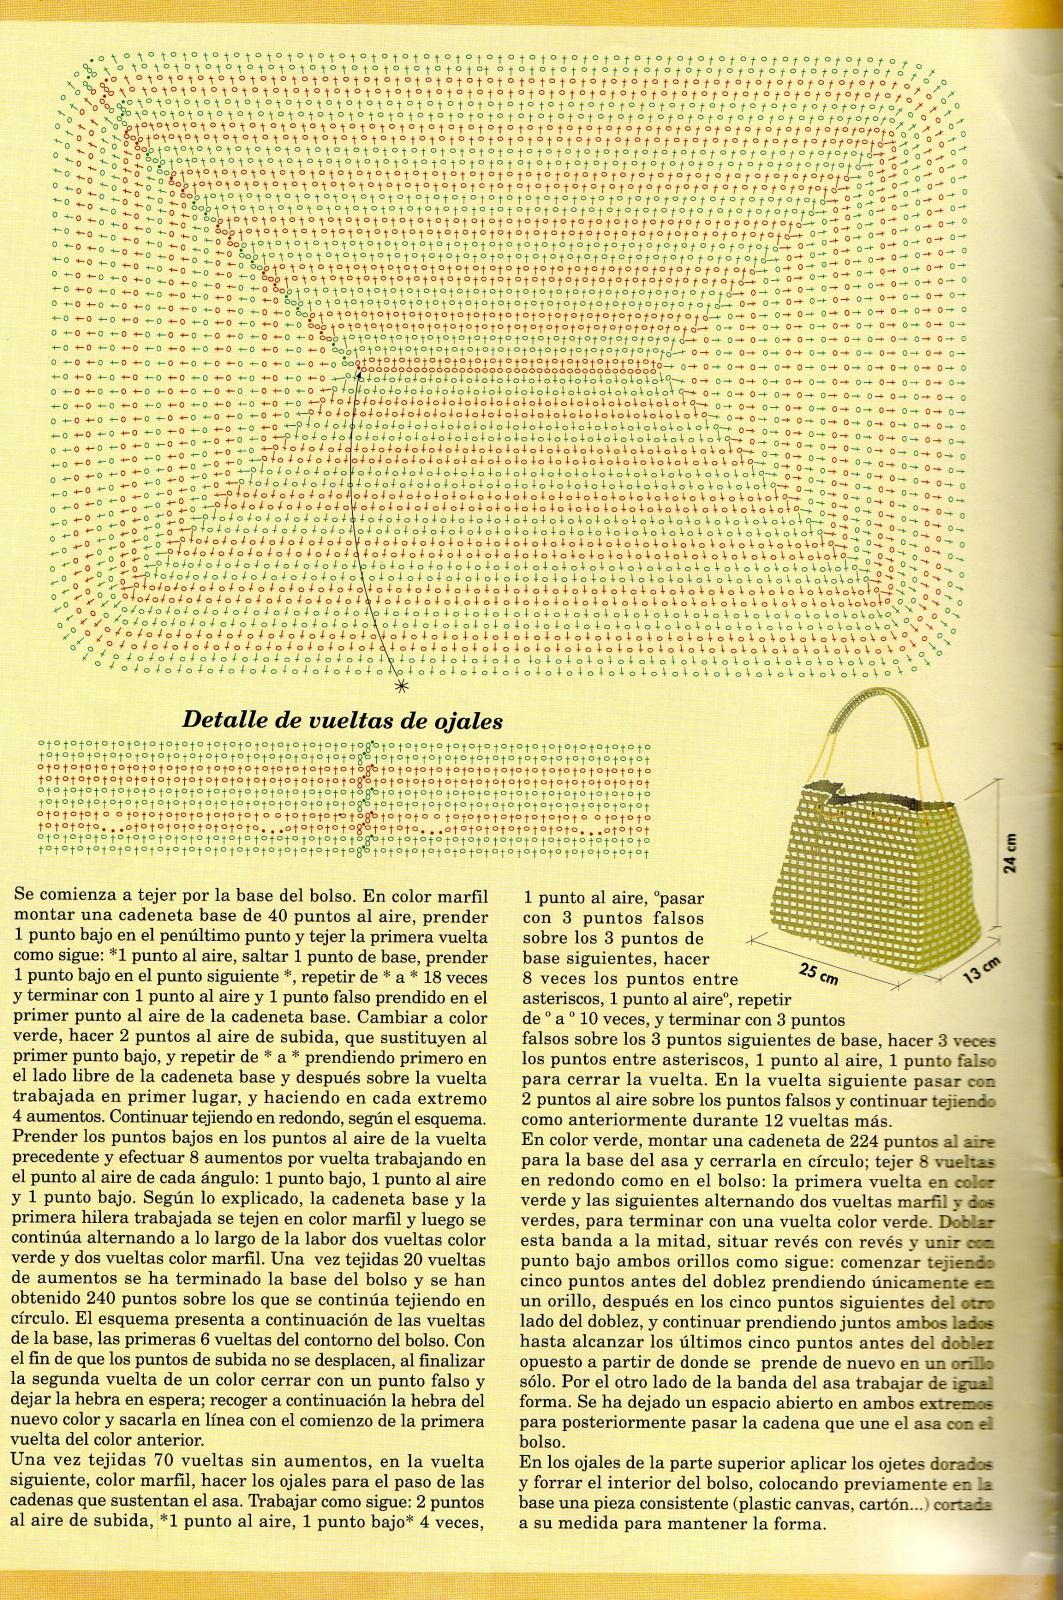 patrones de bolsos 1ze9ijl